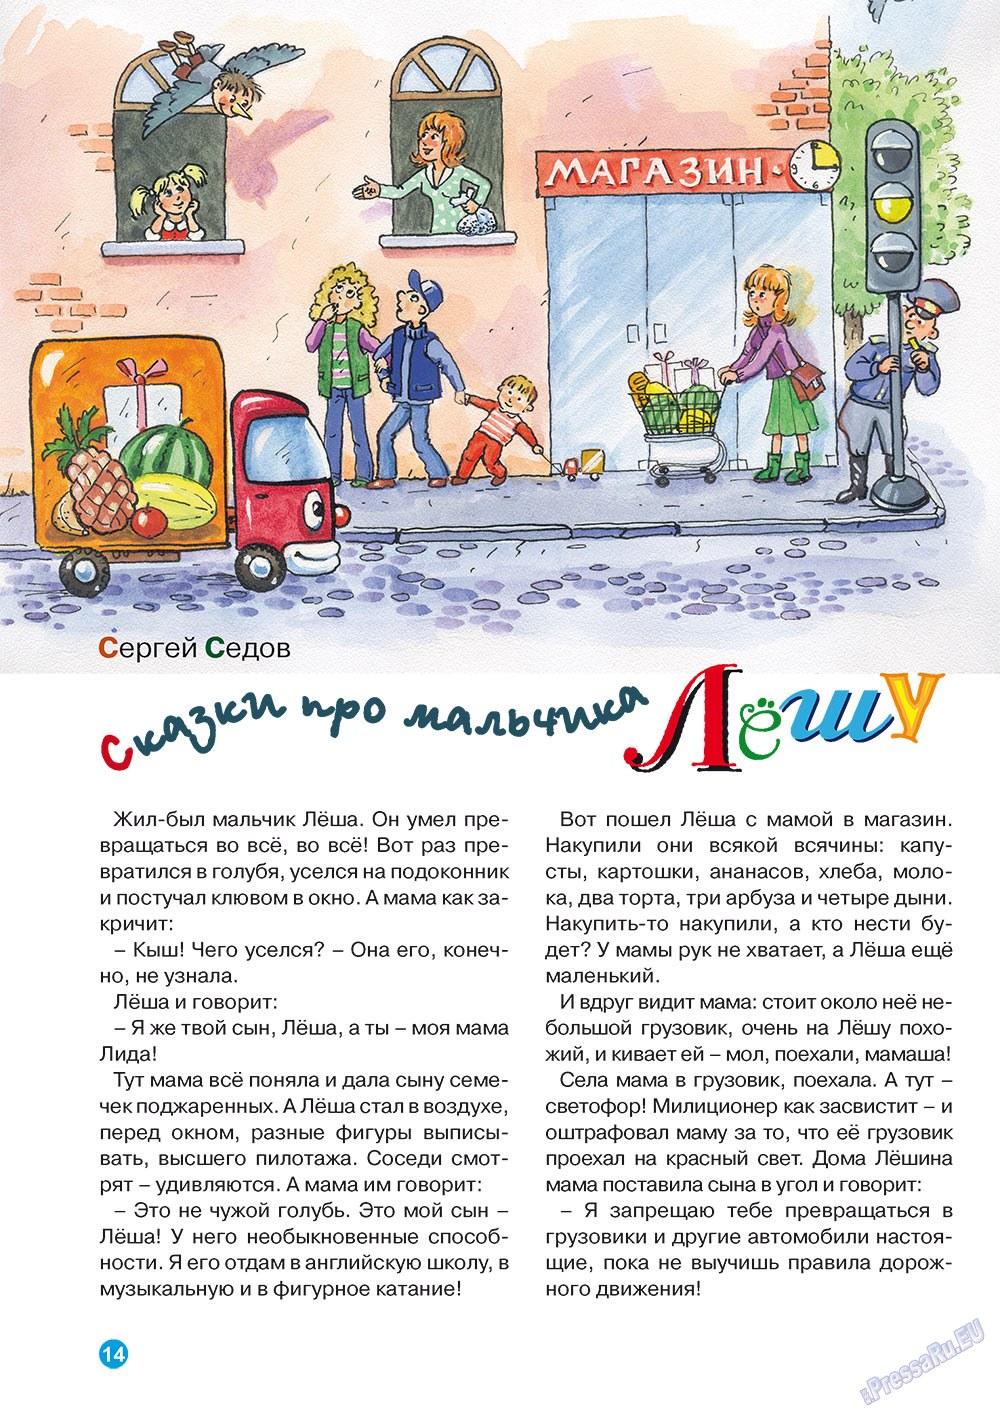 Остров там и тут (журнал). 2011 год, номер 4, стр. 14